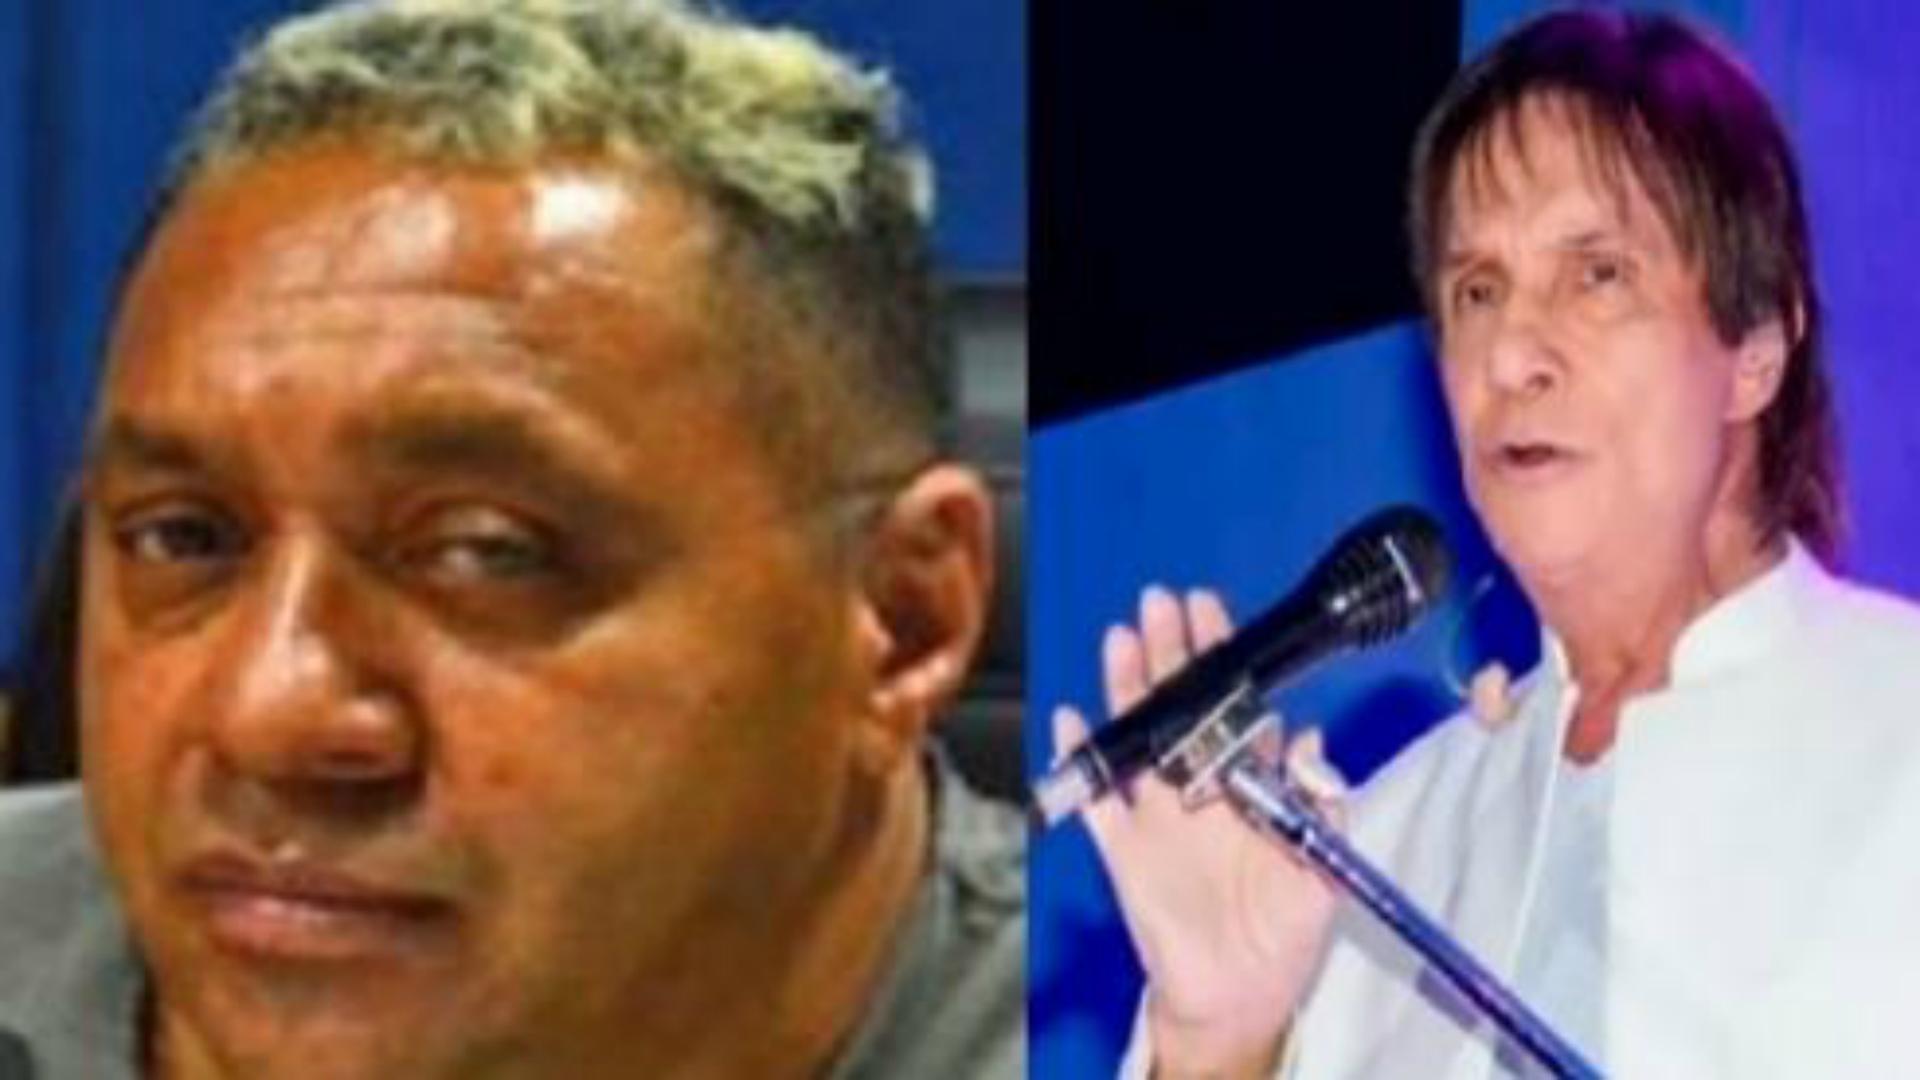 Tiririca mexe com Roberto Carlos, se dá mal e pode perder 'fortuna'